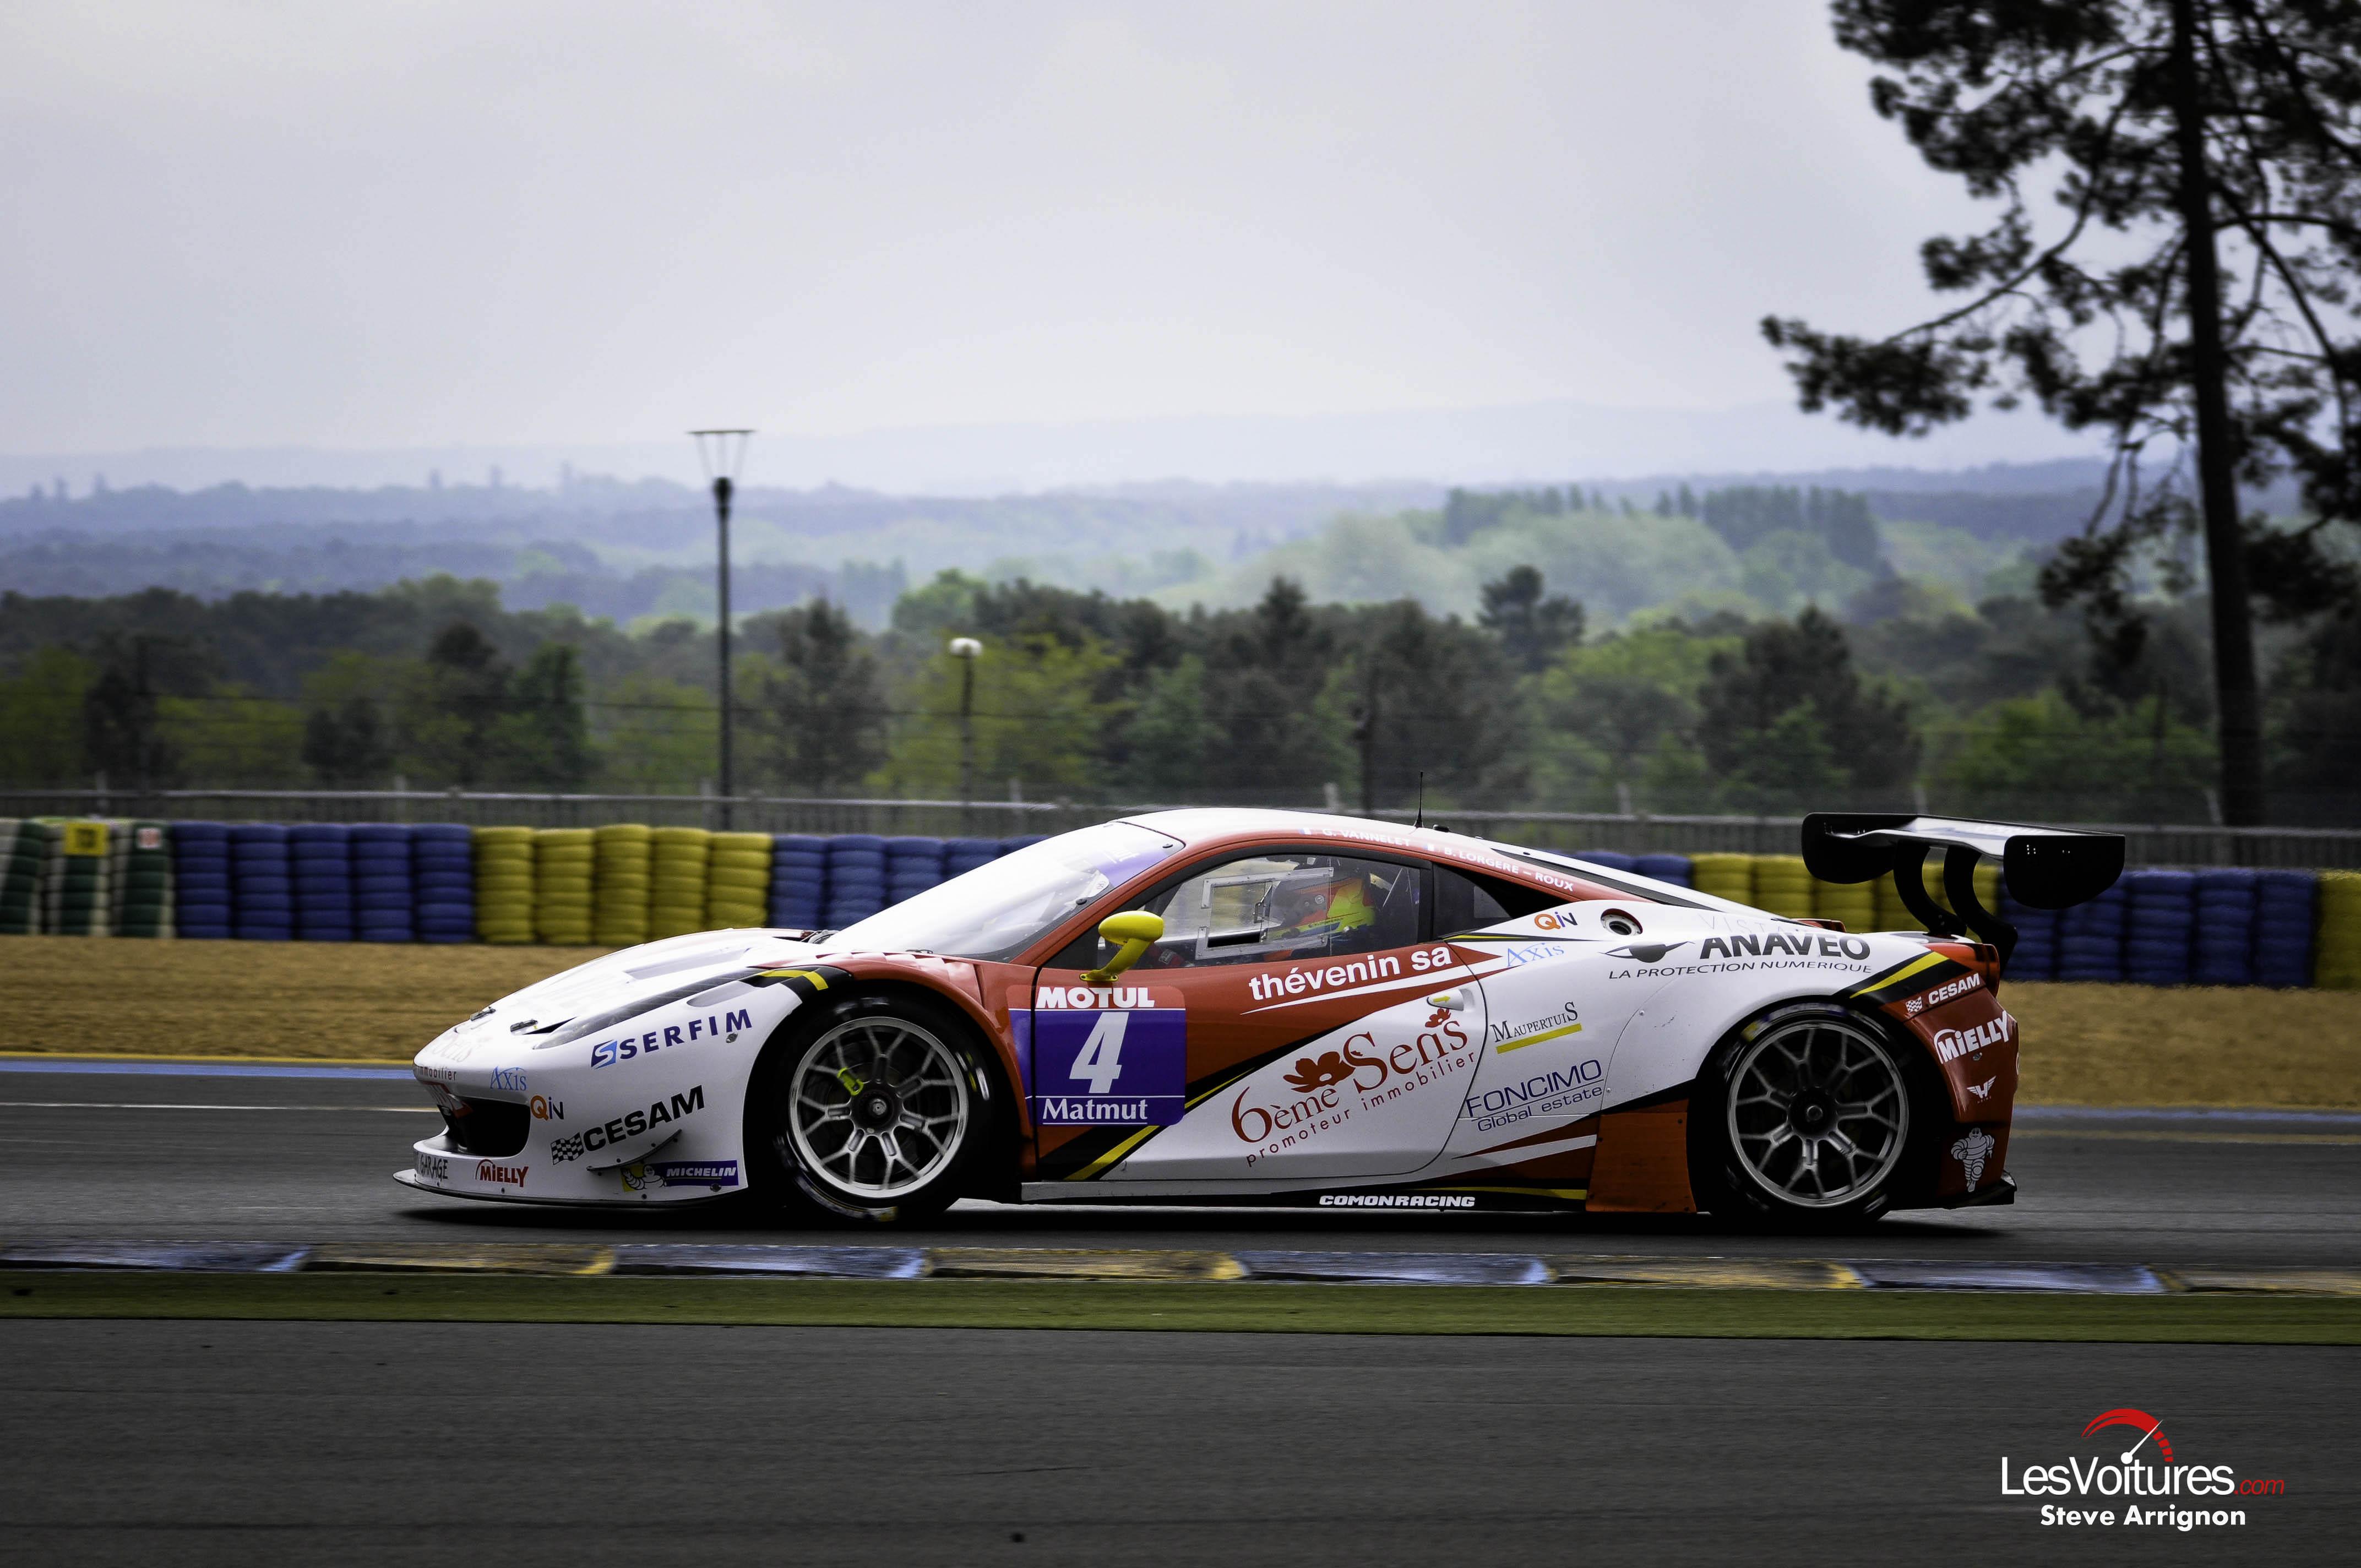 Gt tour le mans 2014 ferrari 458 gt3 sport garage vannelet lorgere roux les voitures - Garage volkswagen le mans ...